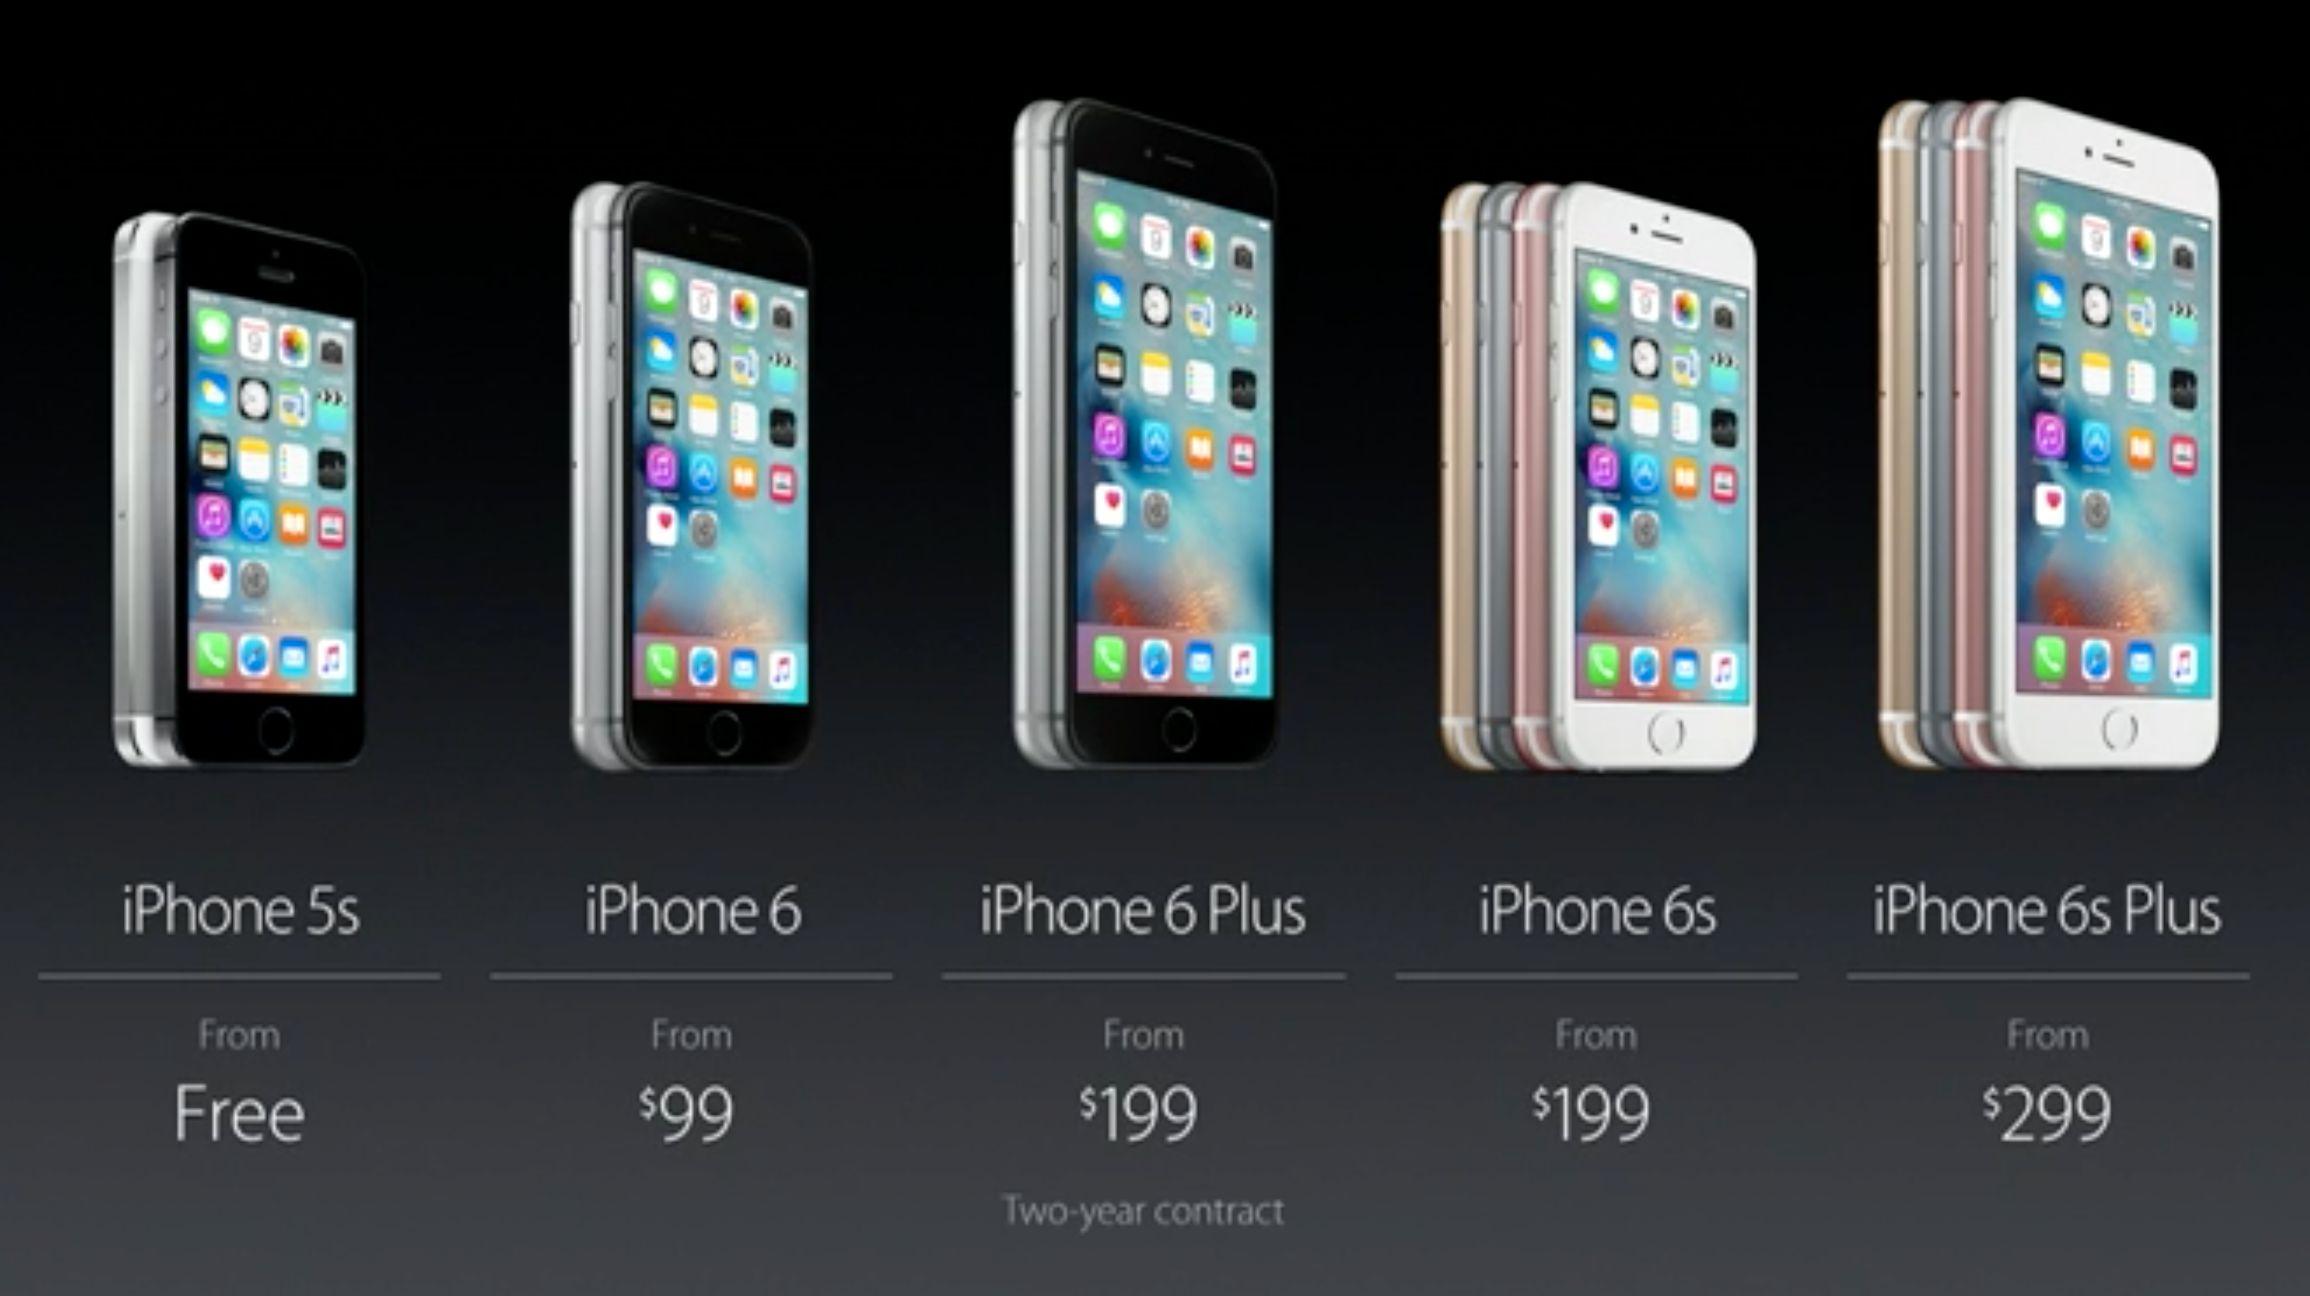 Slik ser den nye iPhone-familien ut. Prisene er oppgitt i dollar, og viser at de nye toppmodellene får samme pris som de gamle har hatt.